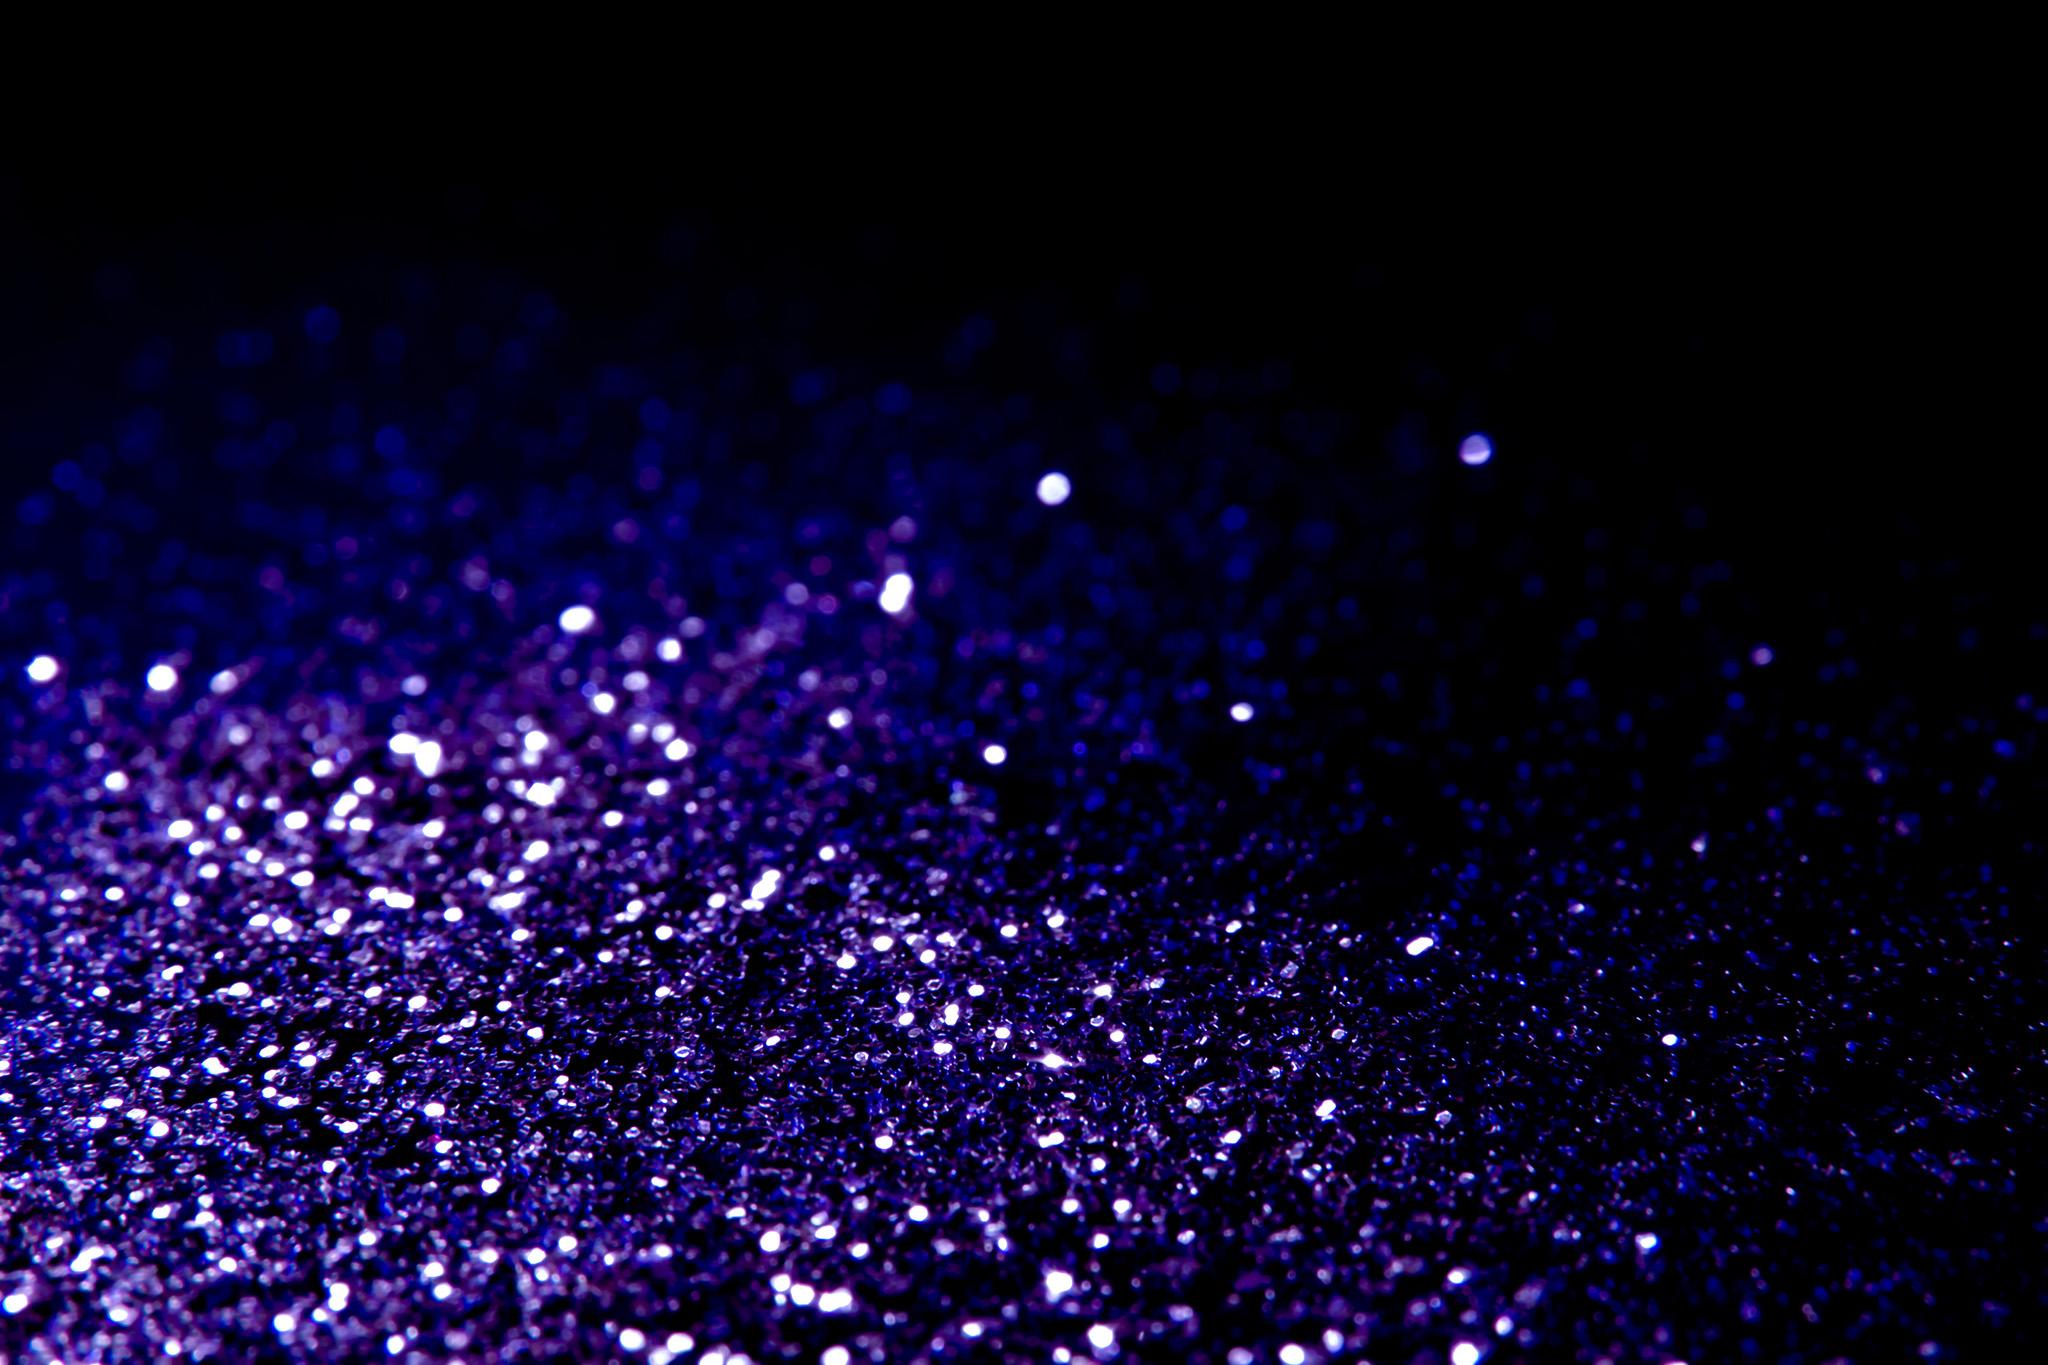 「紫色の光の粒」の背景を無料ダウンロード